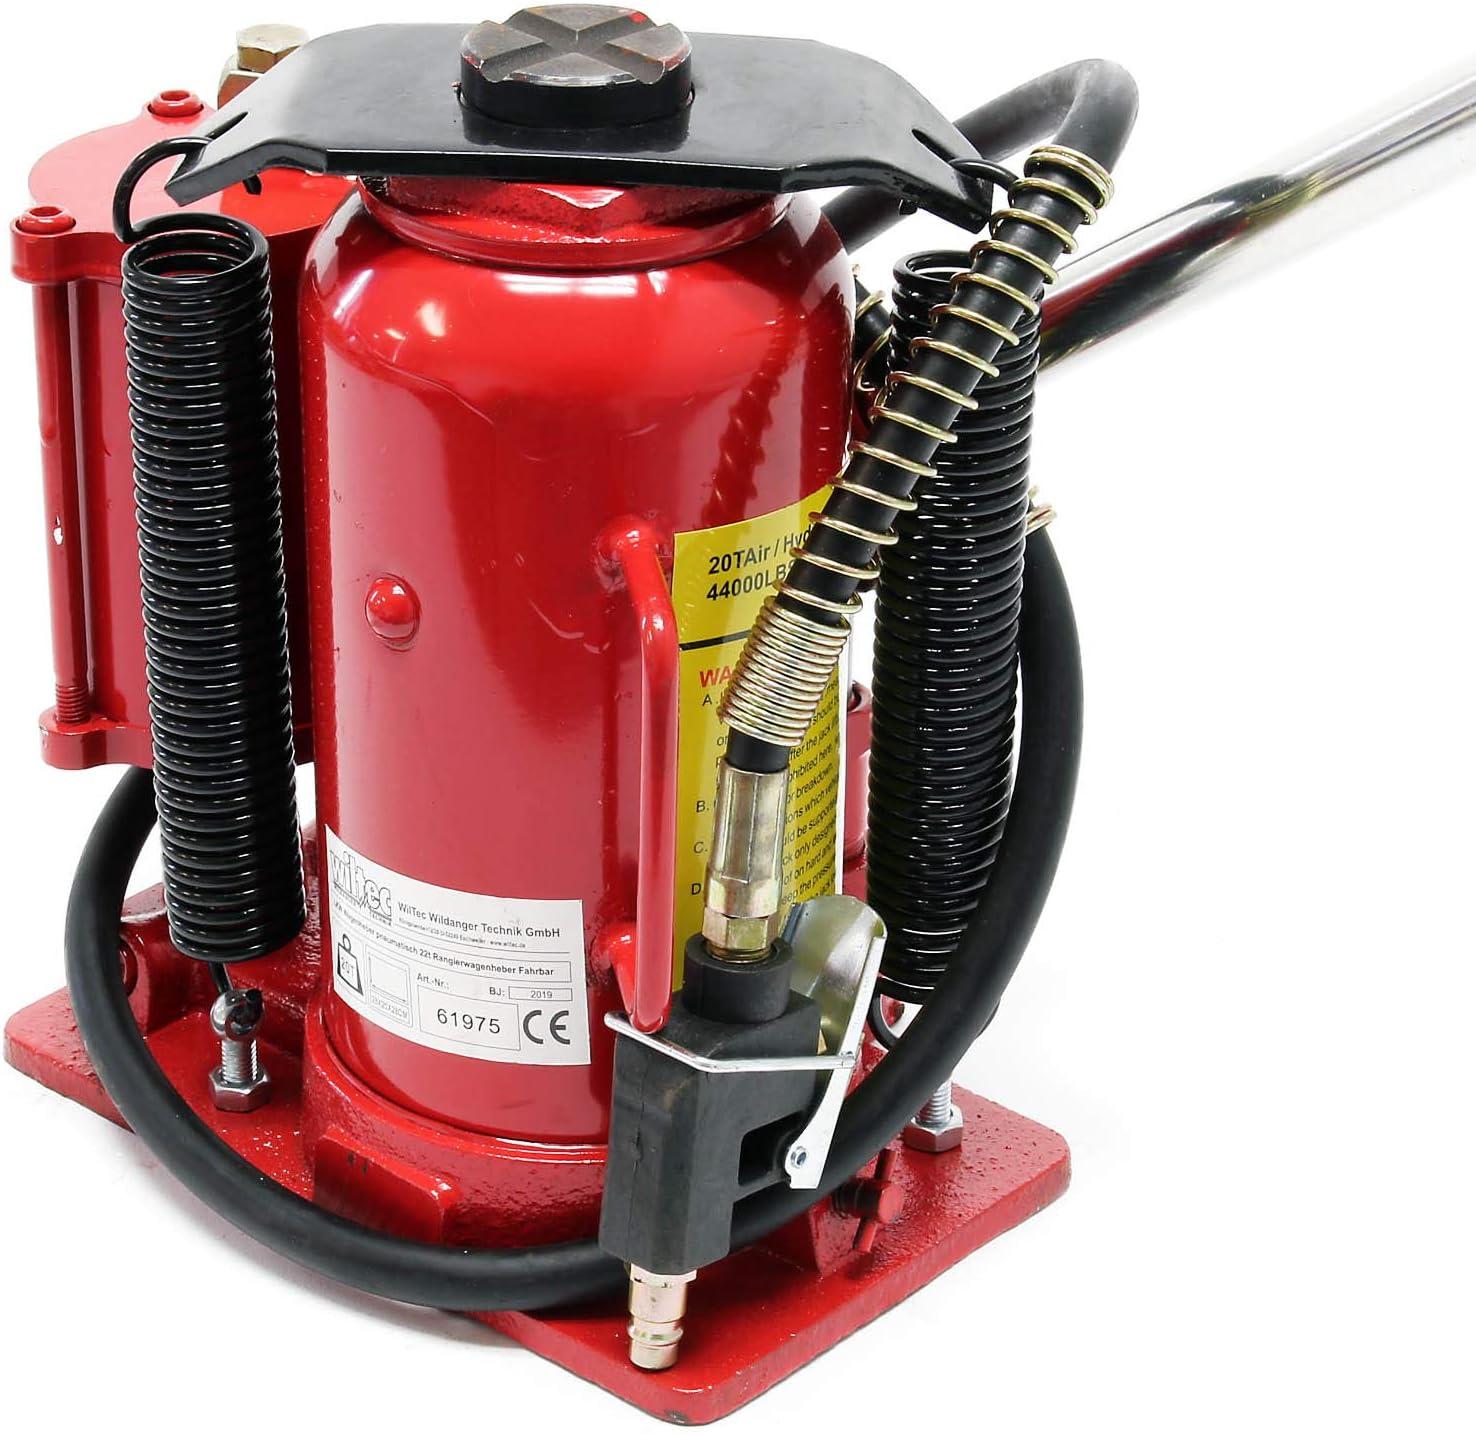 Gato hidr/áulico 20T Elevador de coche Gato de botella Taller mec/ánico Garaje Accesorios veh/ículos